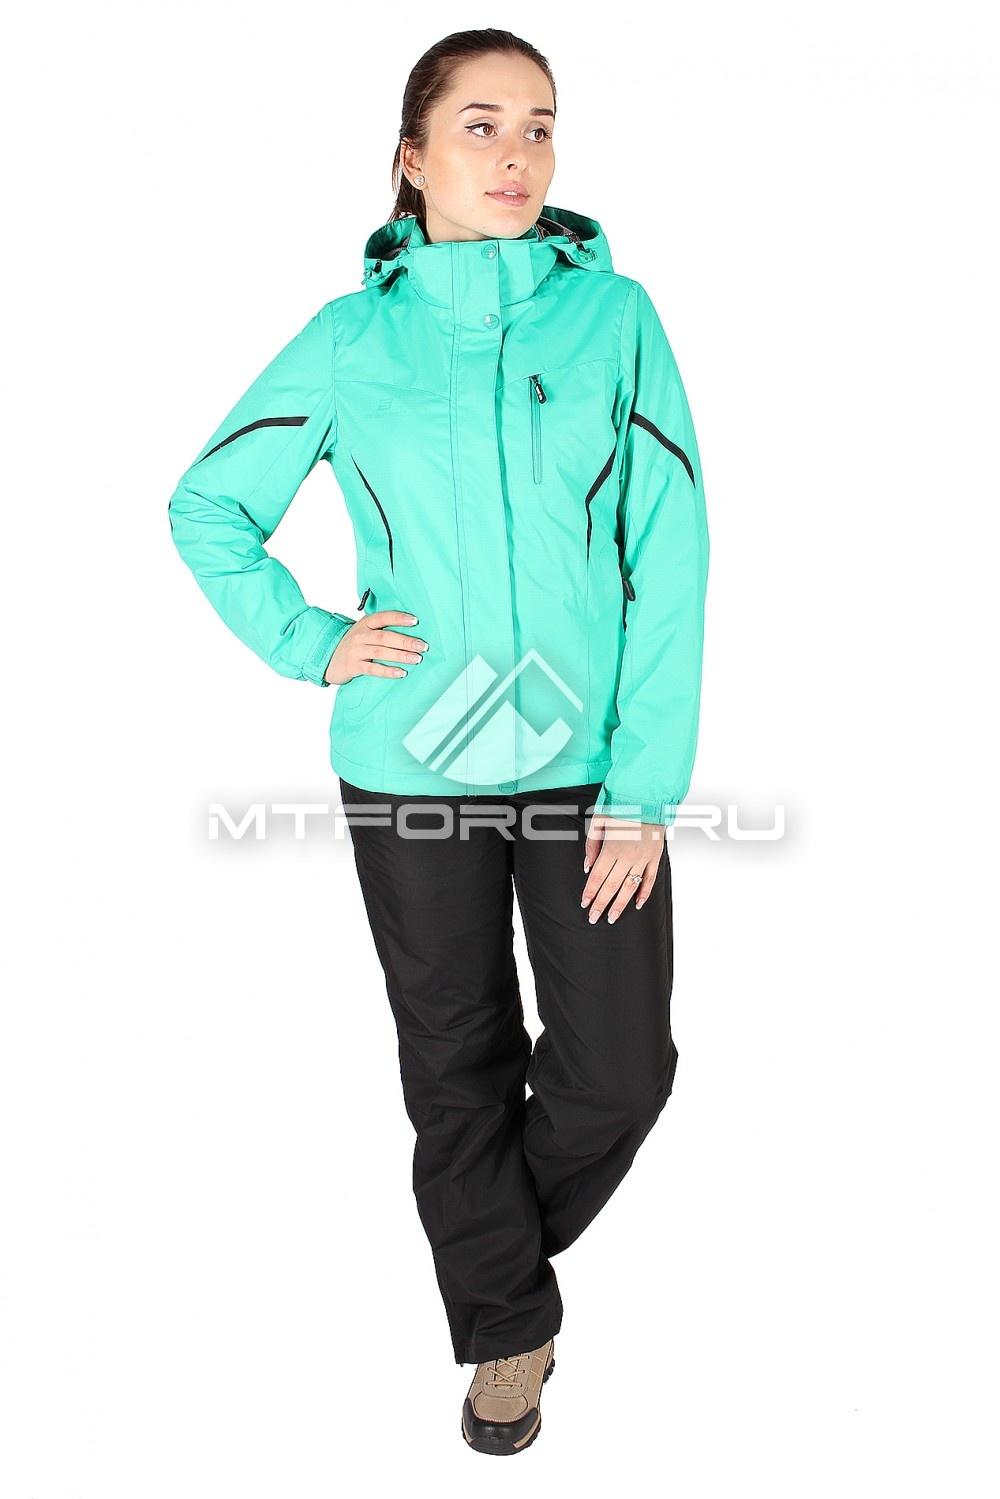 Купить                                  оптом Костюм женский зеленого цвета 01615Z